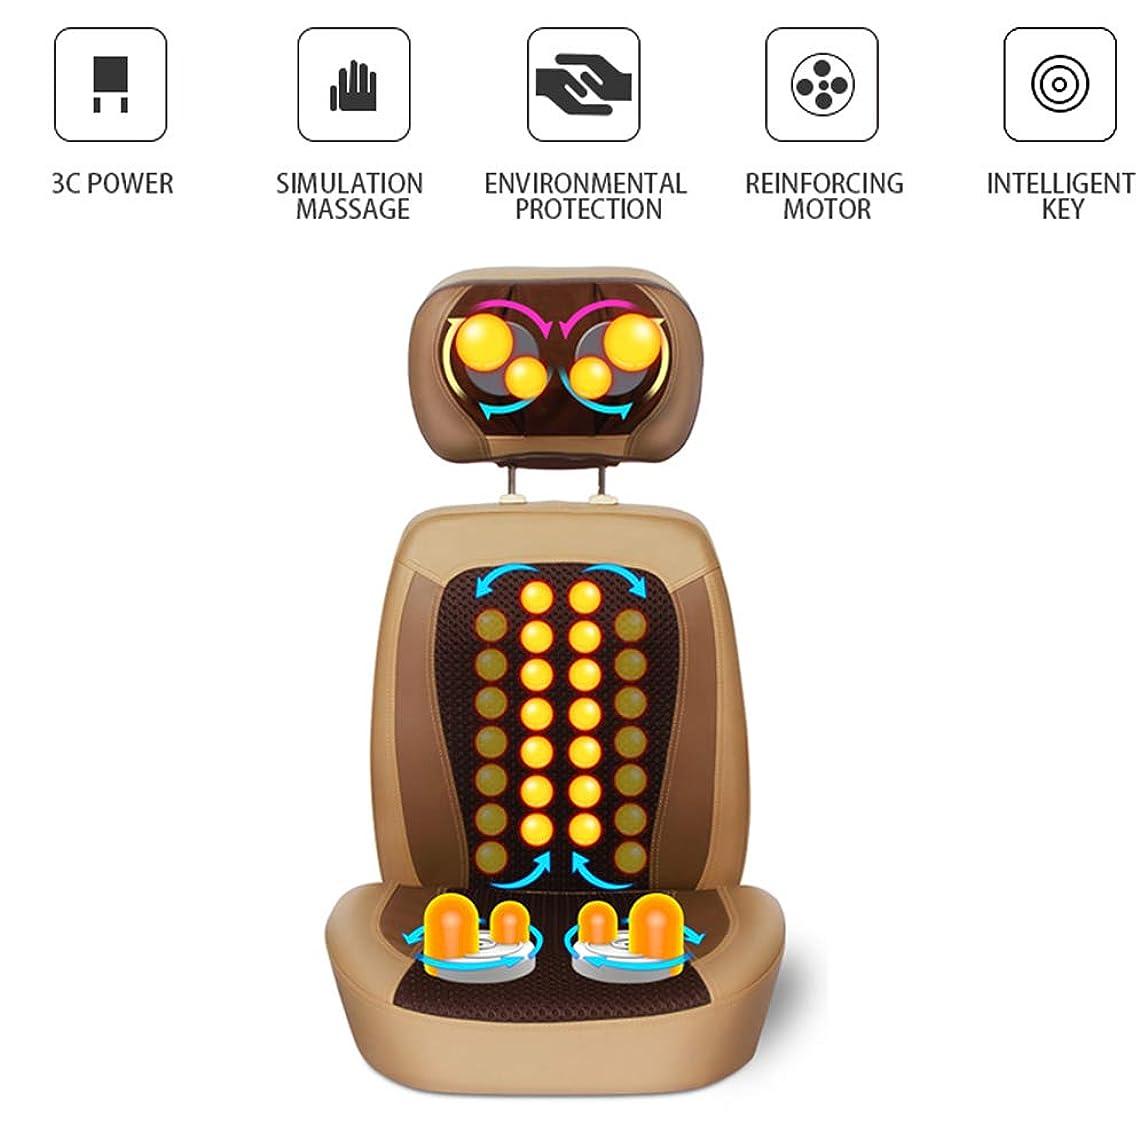 それによって日没肝カーシートマッサージクッション、3D指圧ディープニーディング、圧迫、ローリングと振動ノード混練用ヒップ筋肉振動オフィス家の車の使用